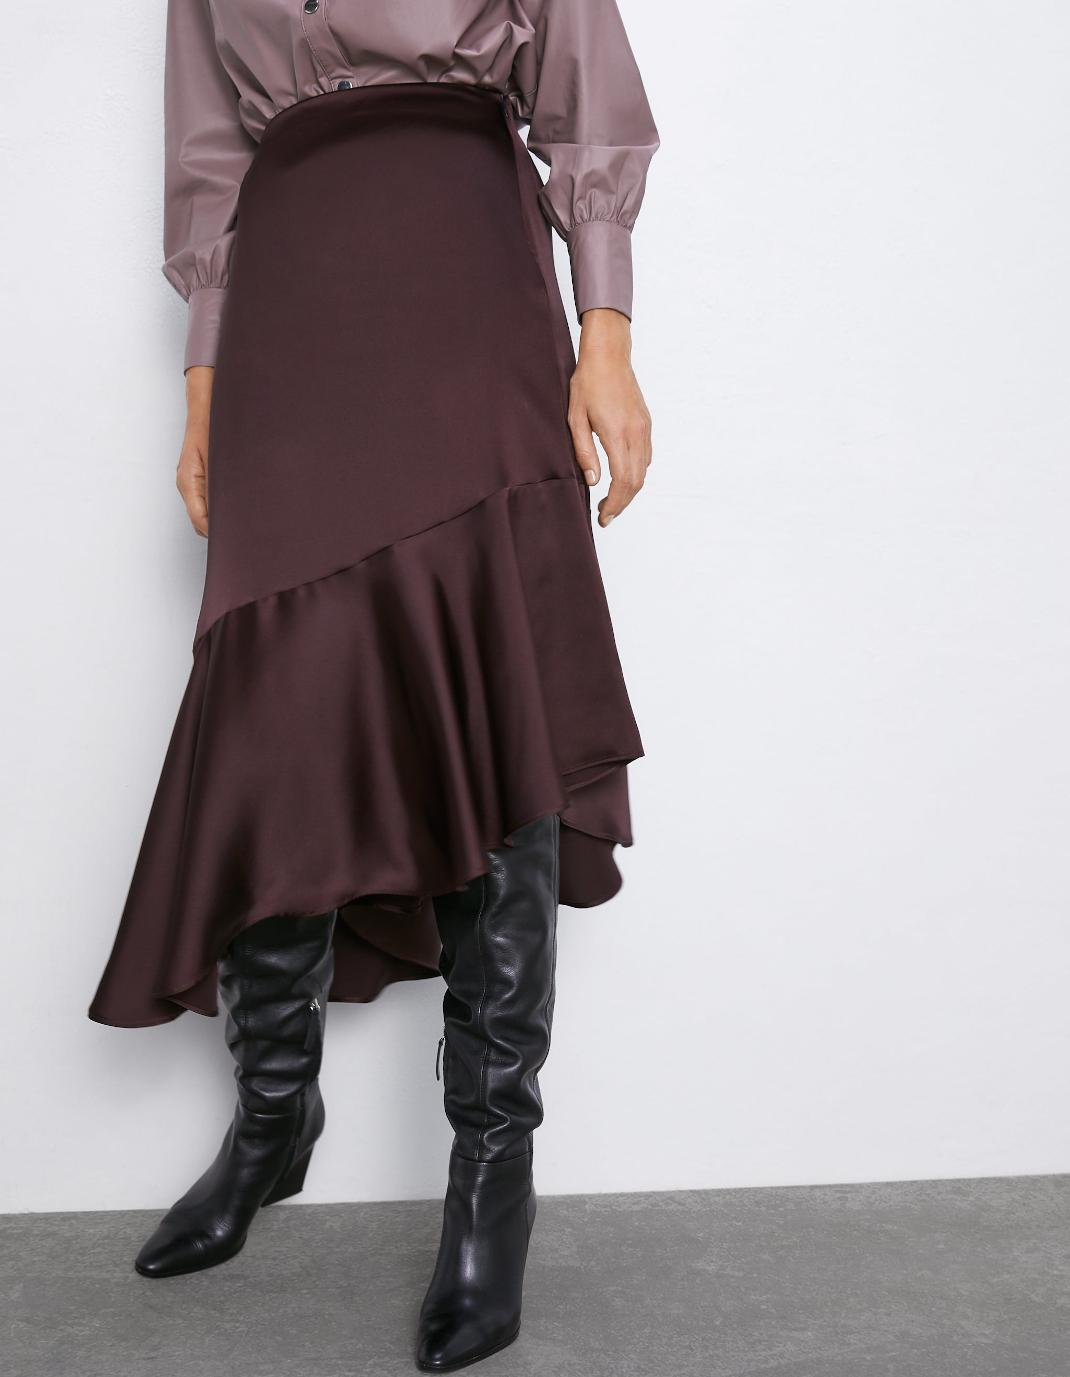 γυναίκα με σατέν φούστα Zara